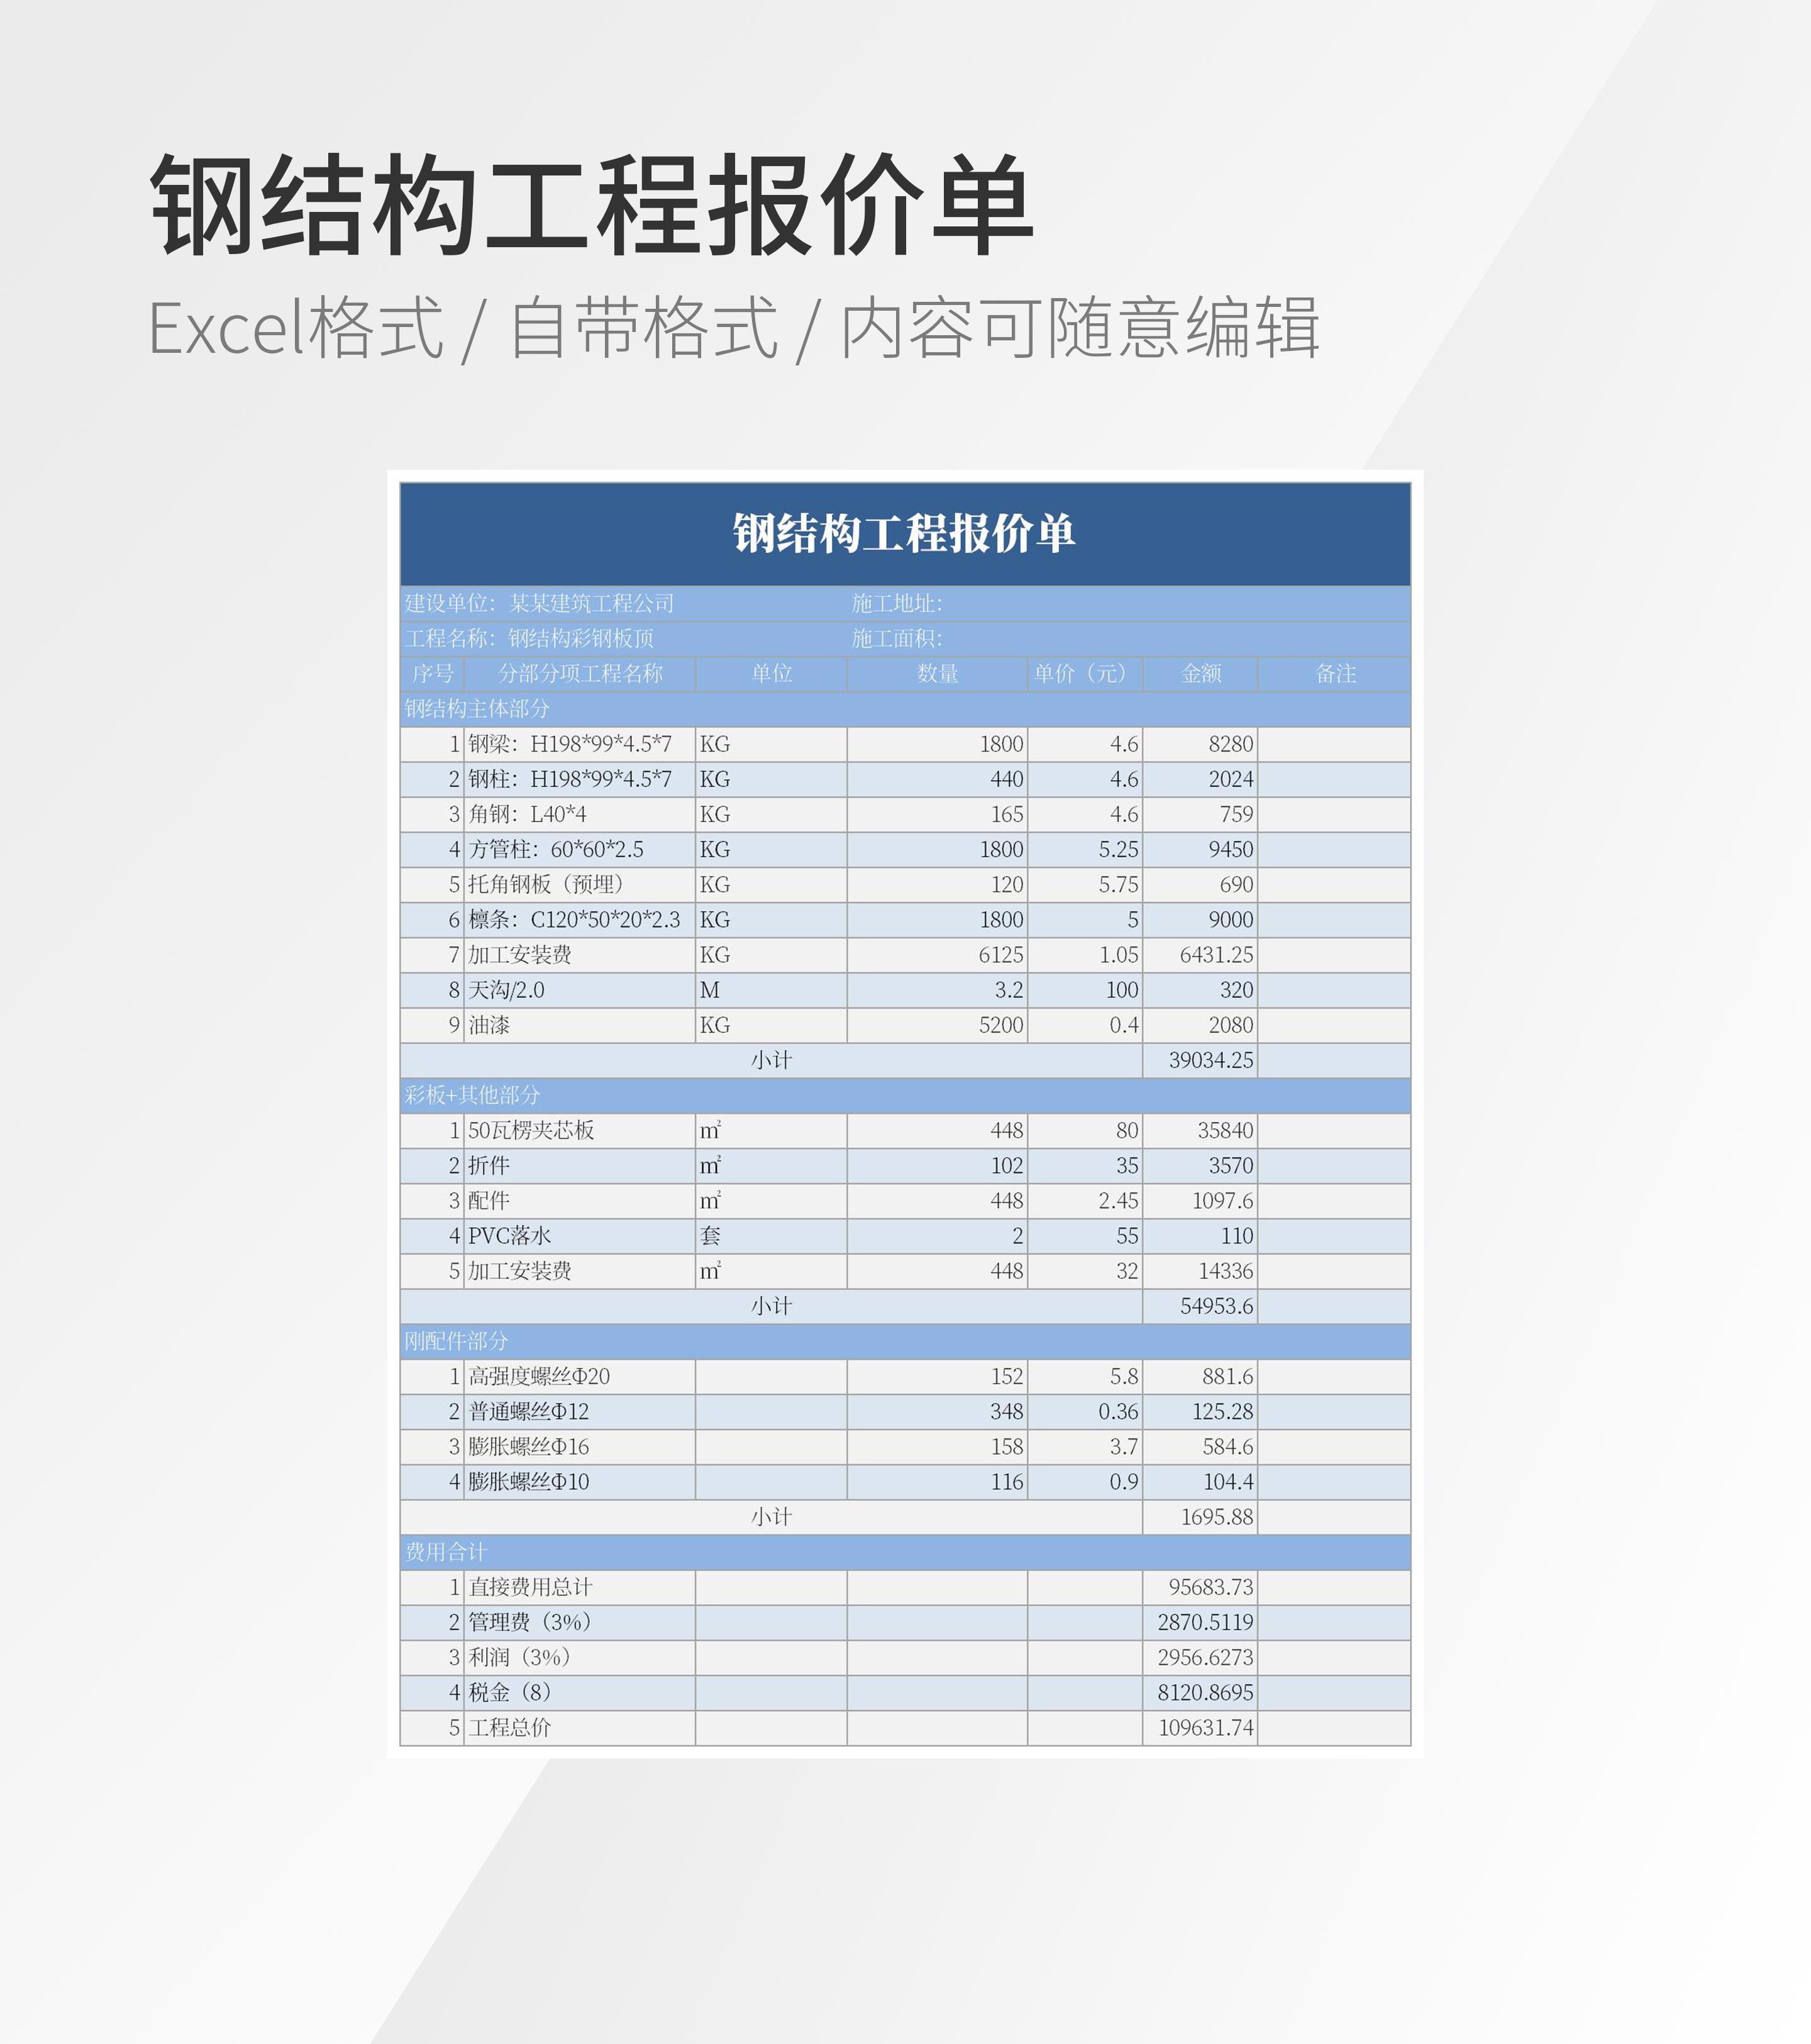 钢结构工程报价单表格模板